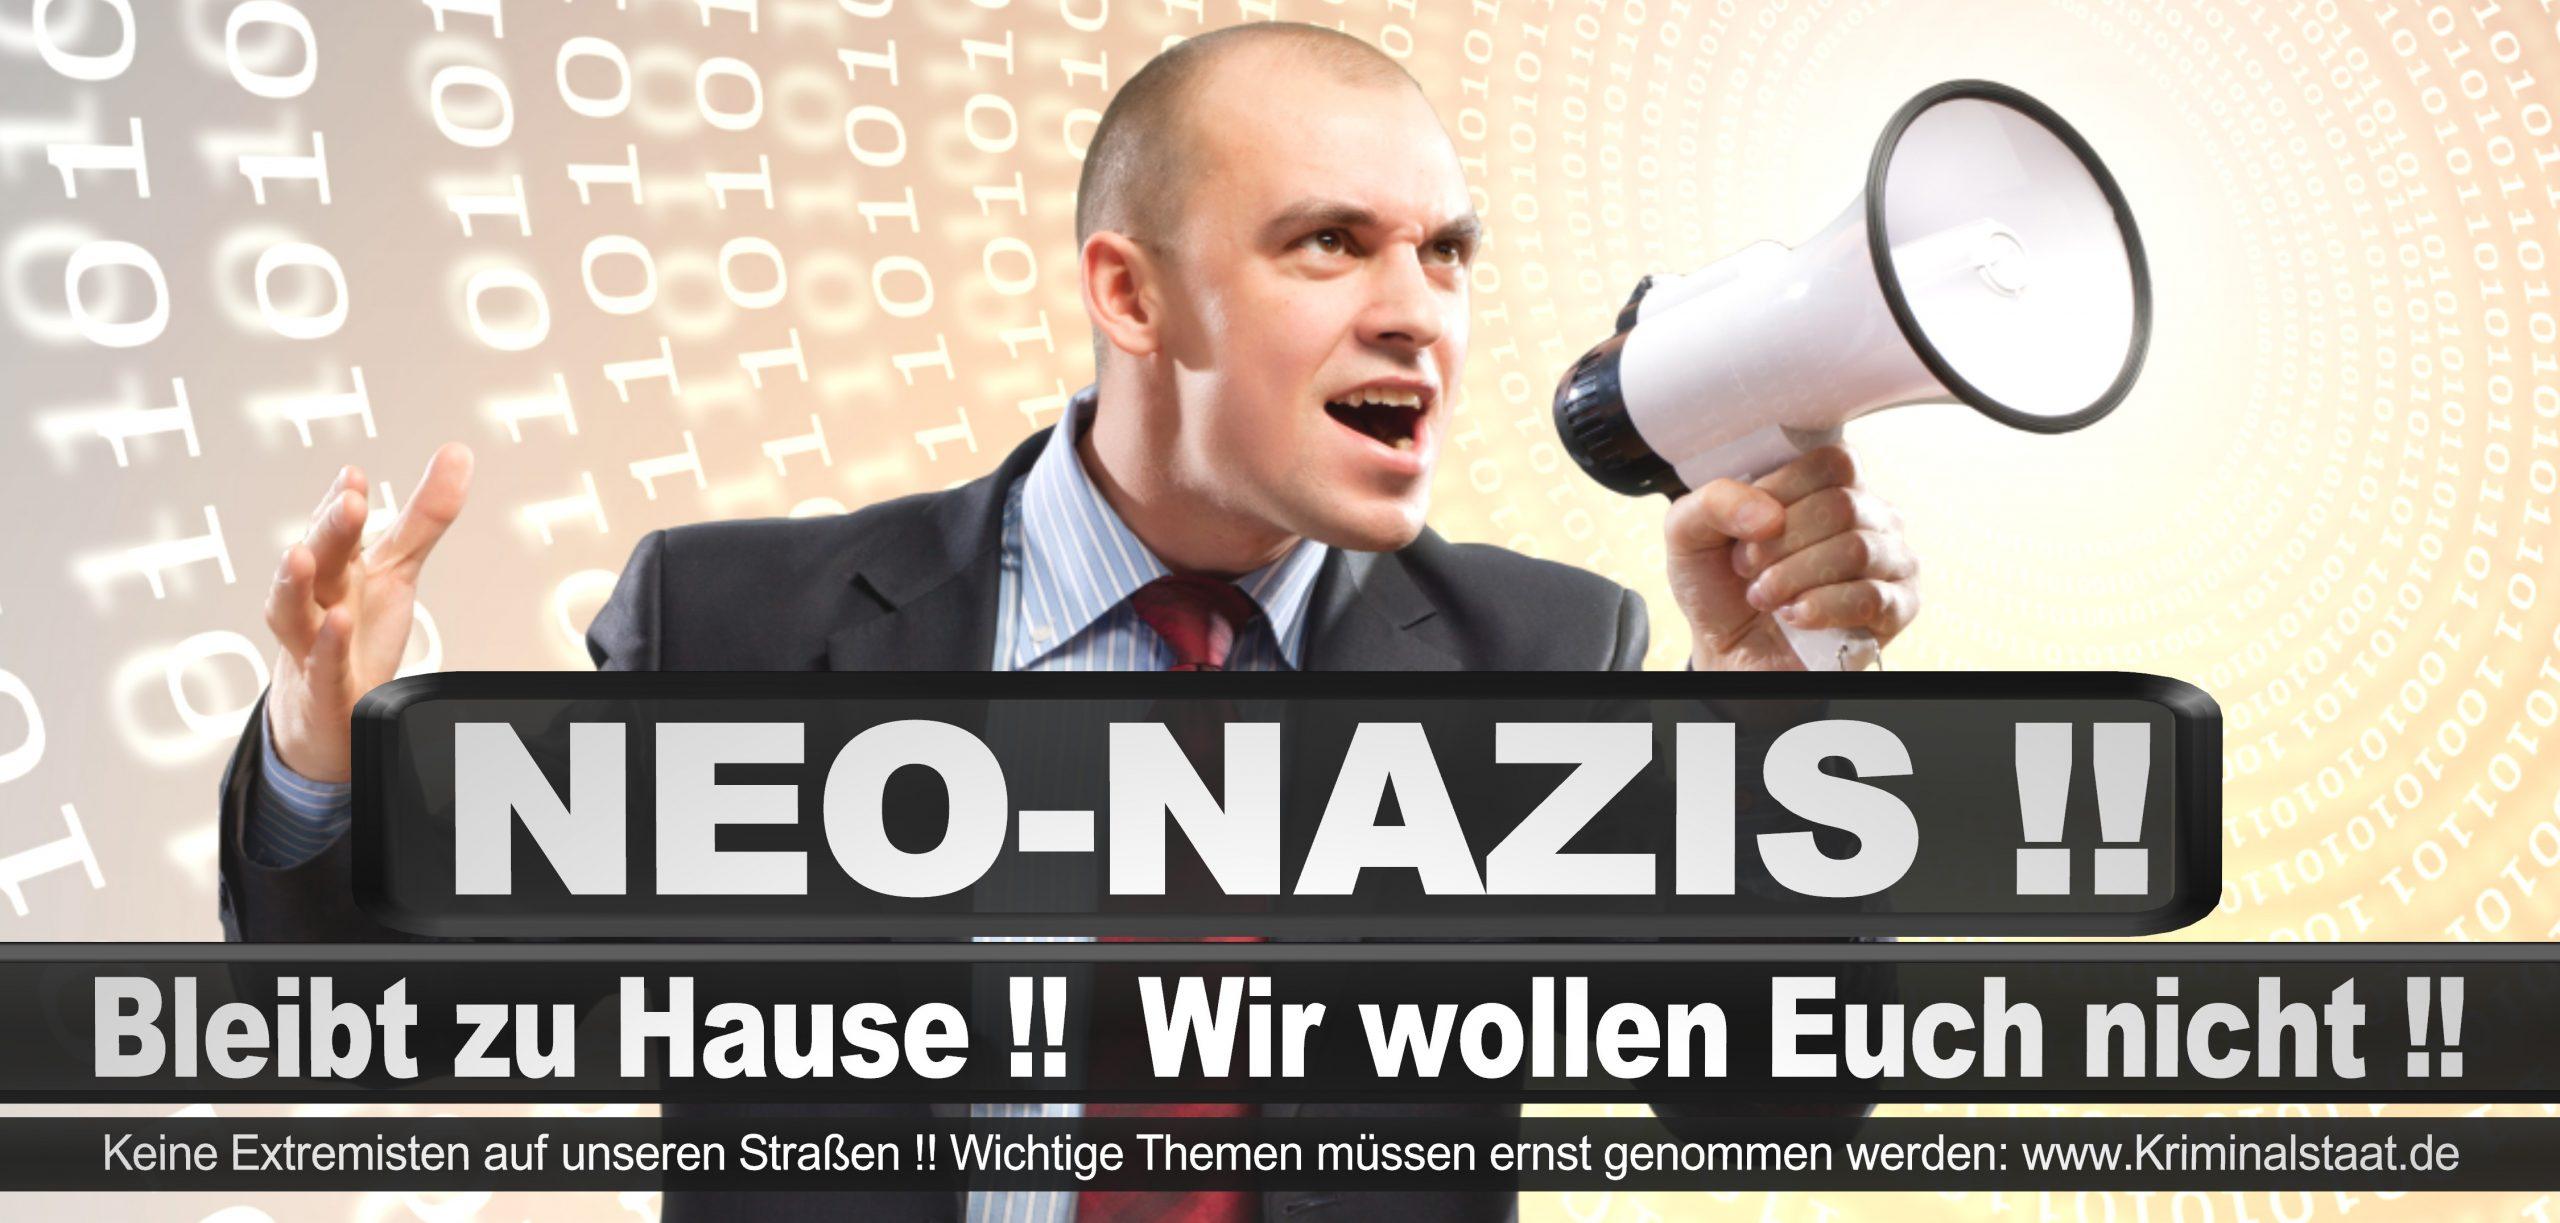 Bundestagswahl 2021 Wahlplakate CDU SPD FDP AFD Grüne Linke Stimmzettel Prognose Umfrage Kandidaten Parteien Datum (2)